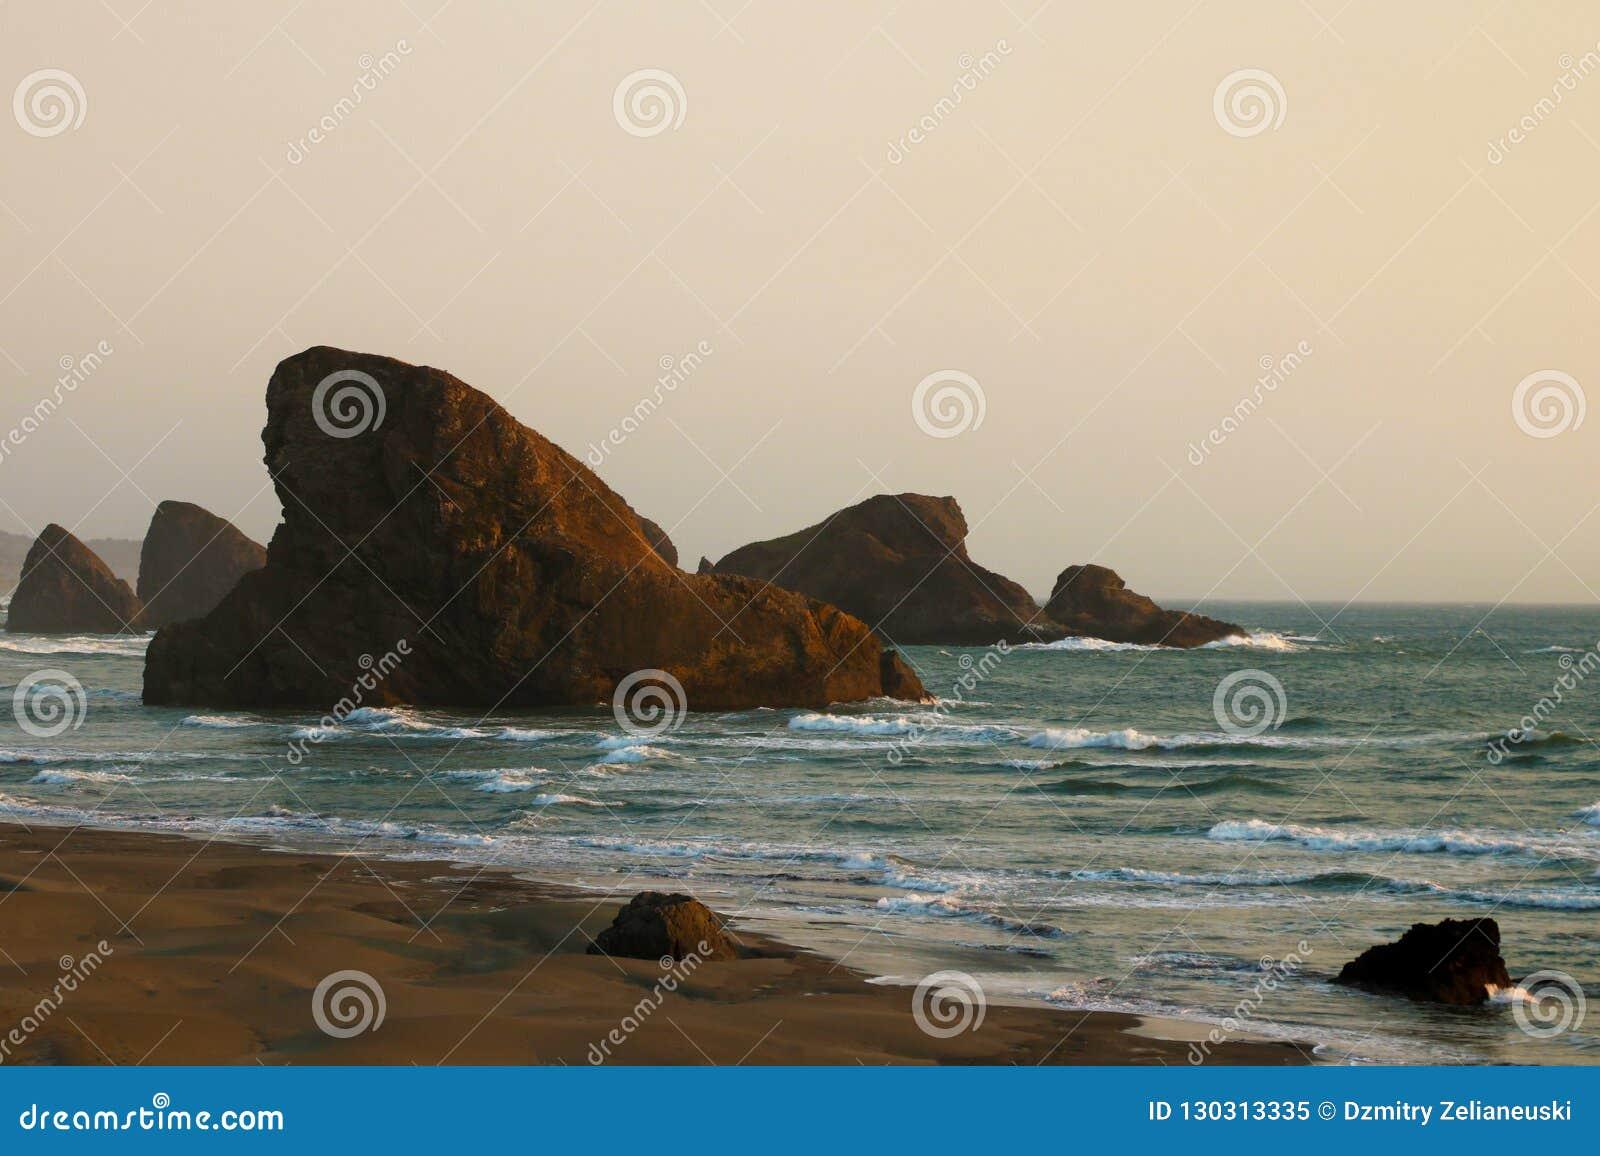 Ansicht des Ozeans auf dem Hintergrund eines schönen Sonnenuntergangs abgetönt